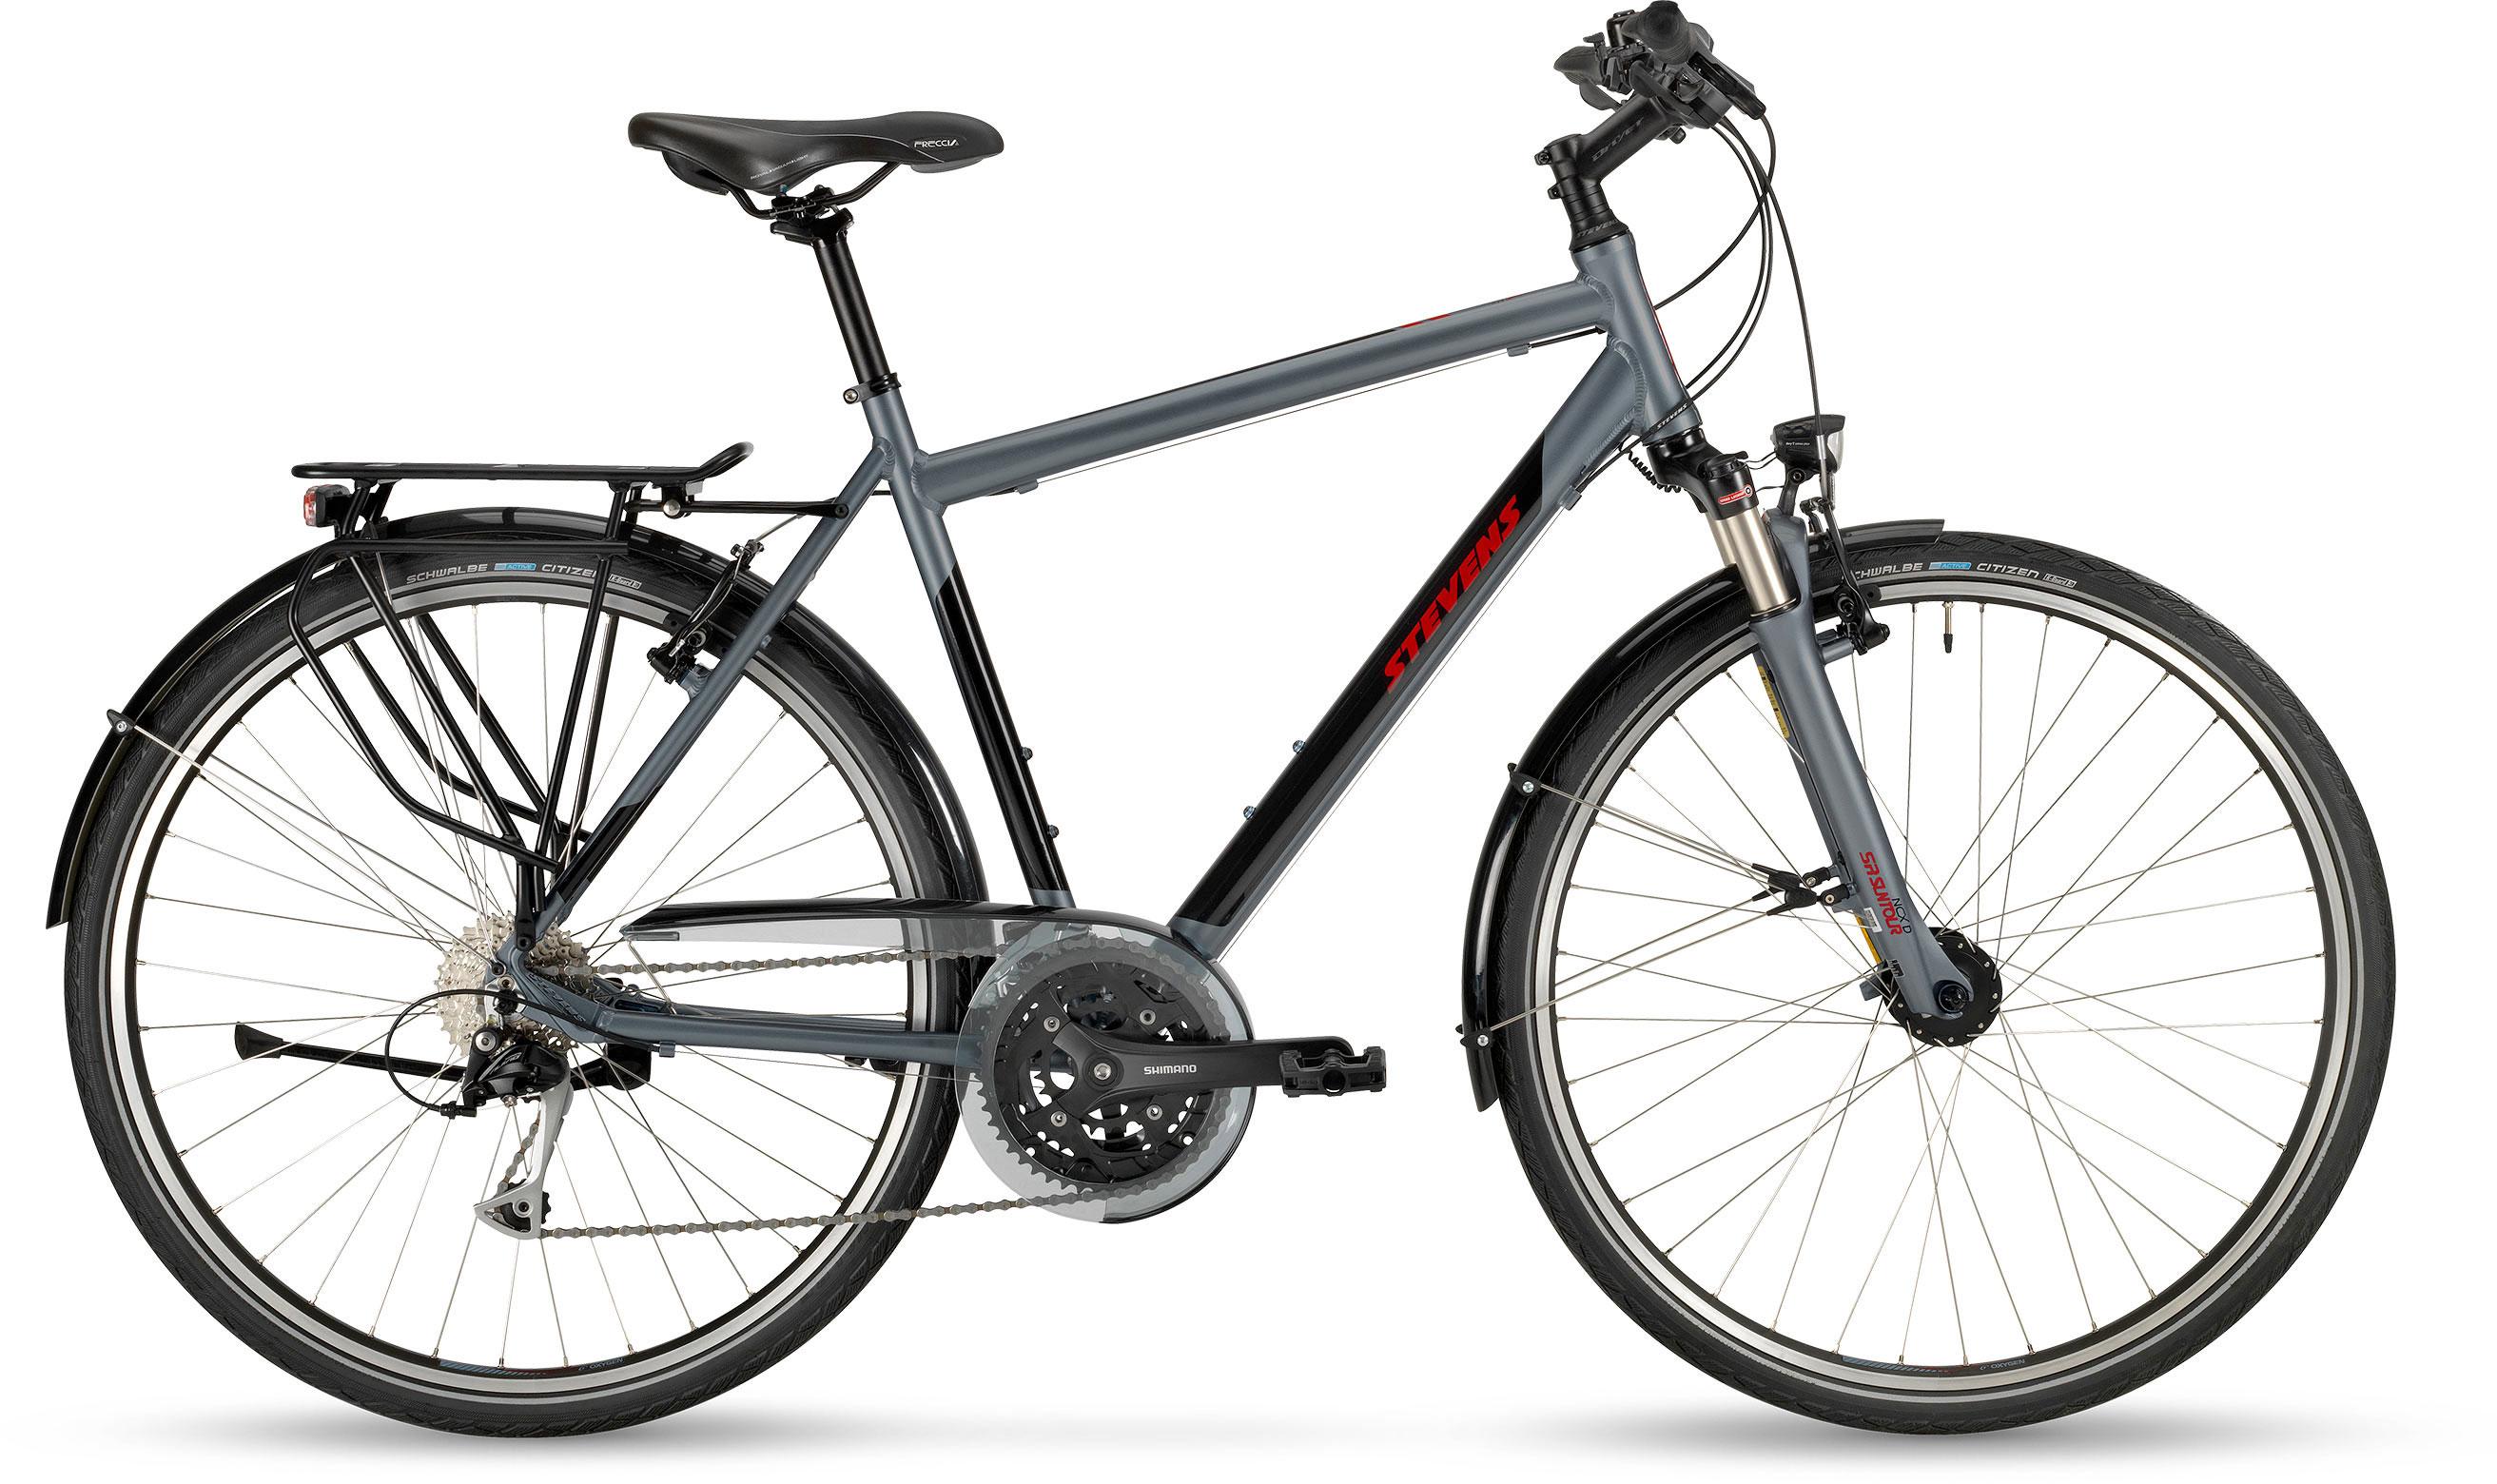 City Fahrrad Herren Stevens Galant | P18